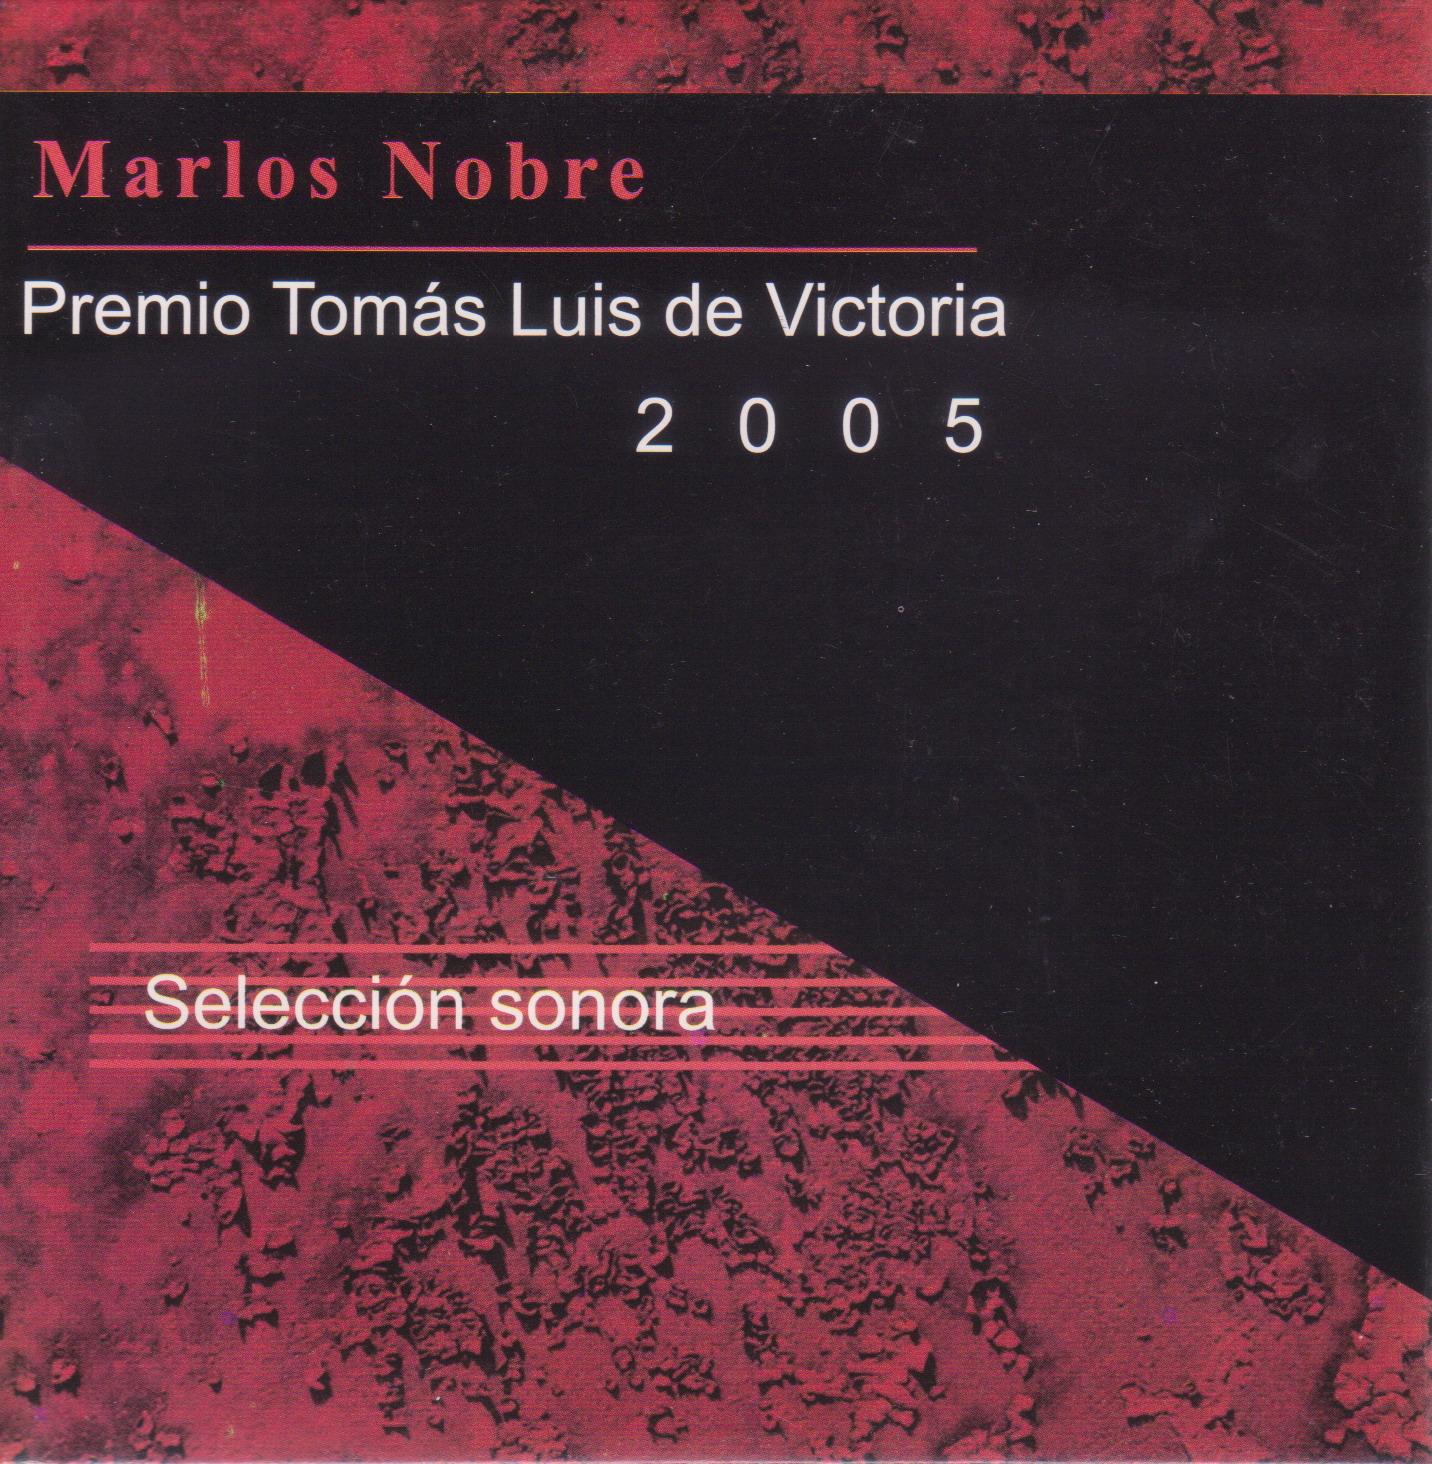 Marlos Nobre - Mosaico / Rhythmetron